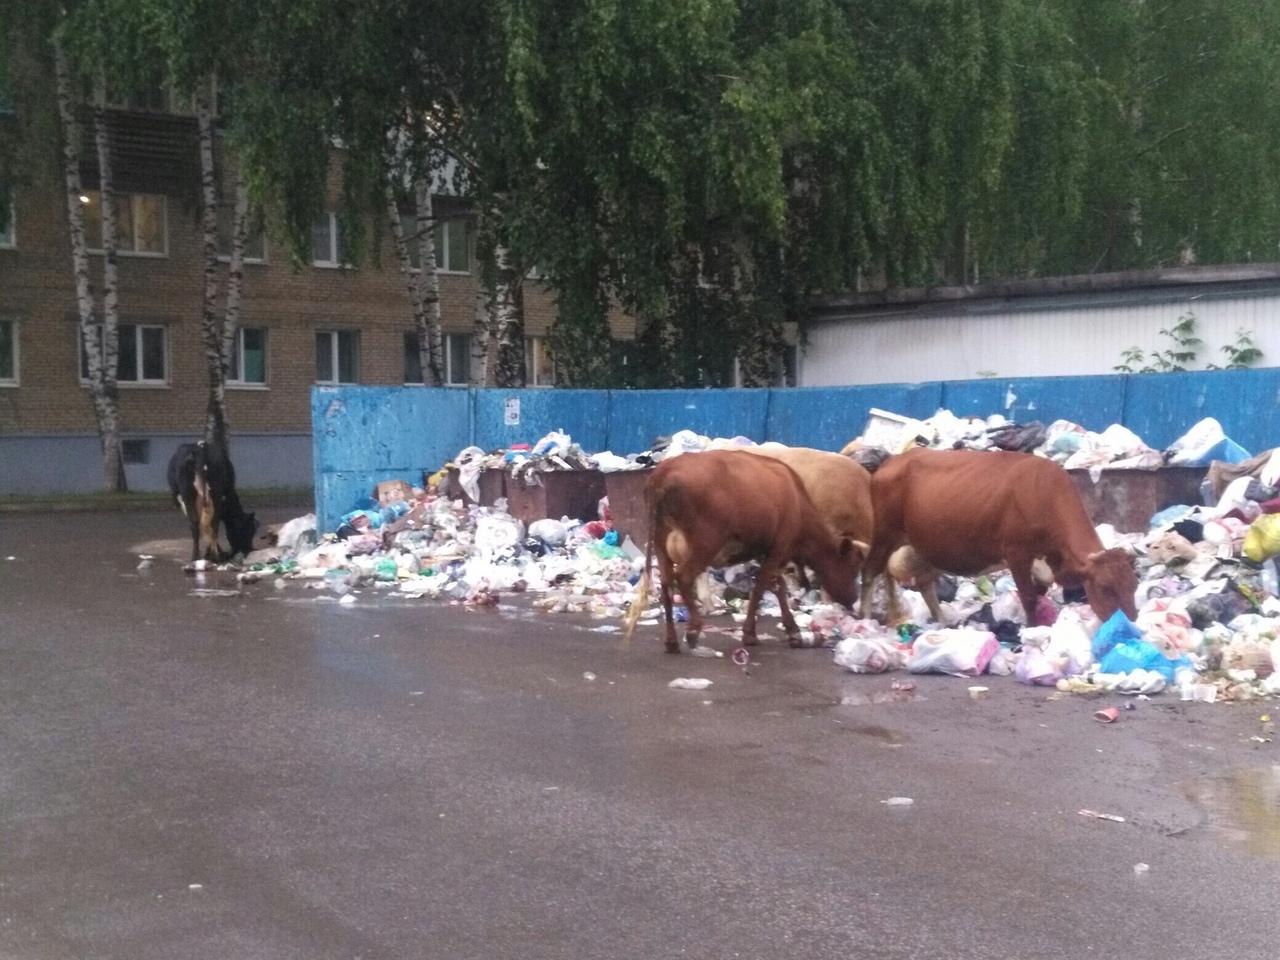 В городе Аше Челябинской области коровы пасутся на контейнерных площадках – к такому неожиданному